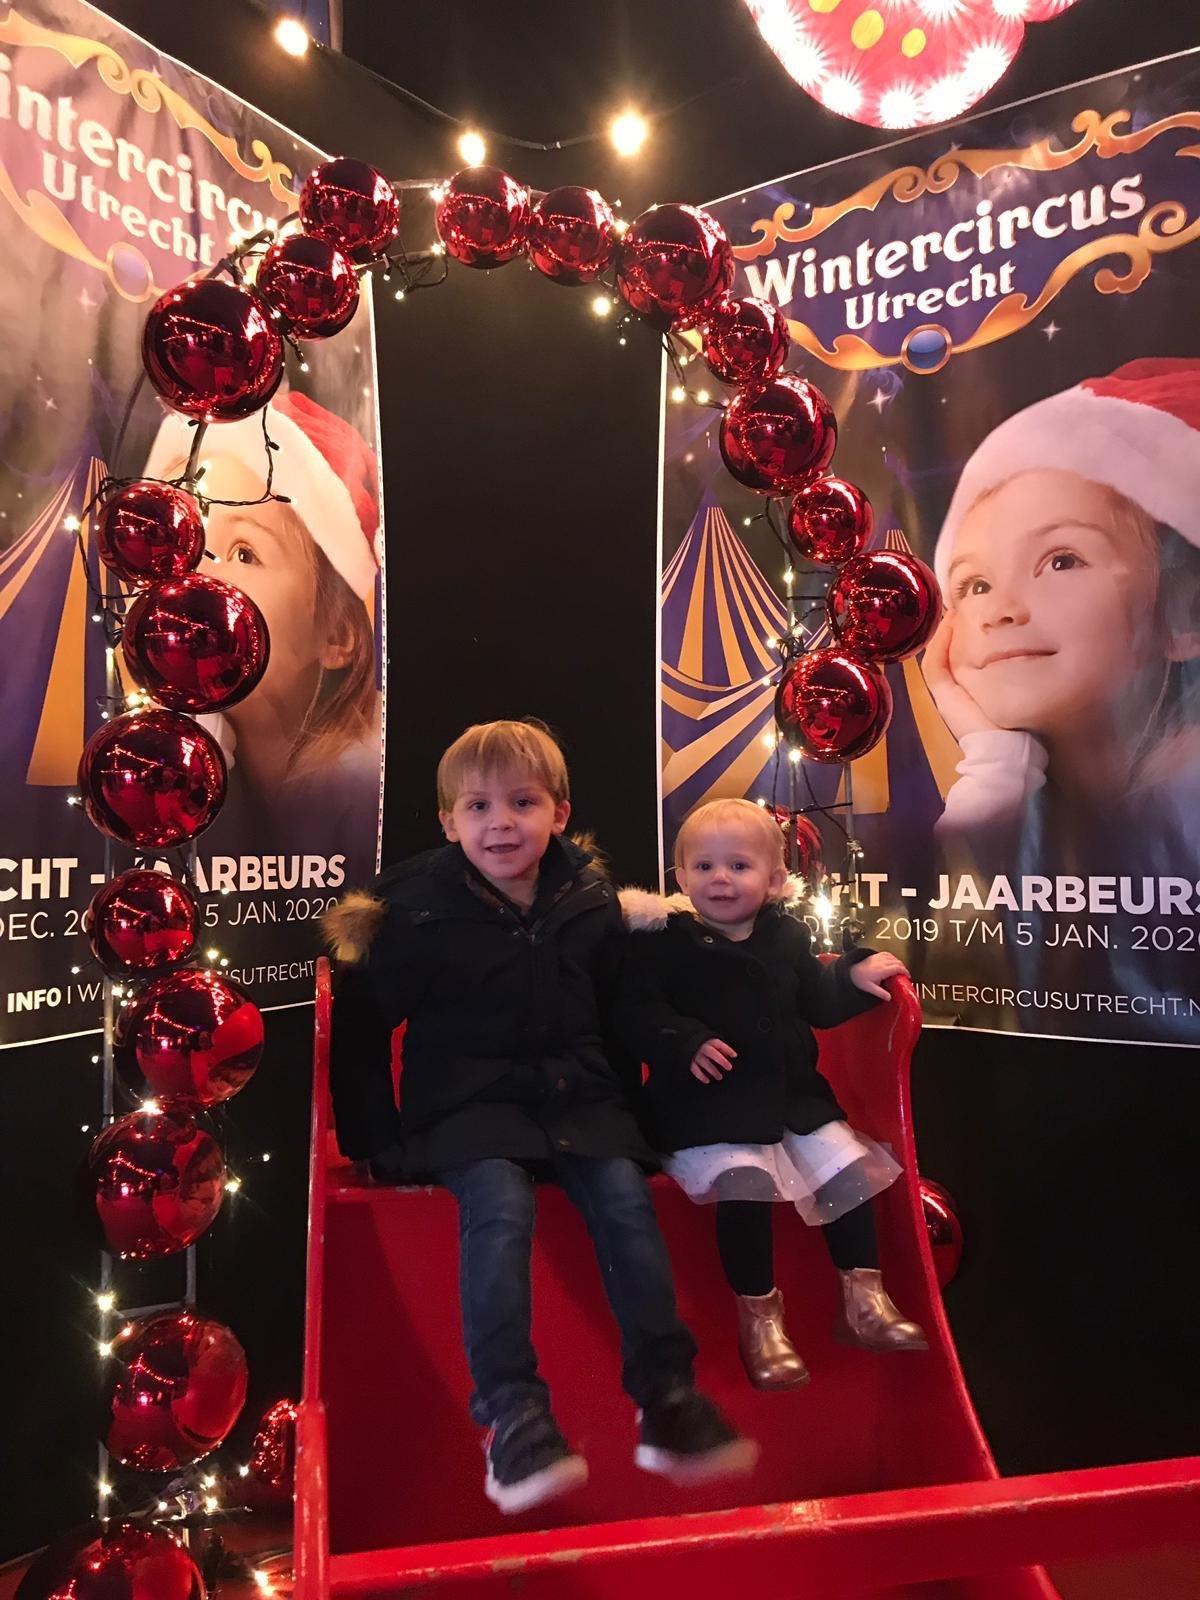 Kerstcircus in Utrecht